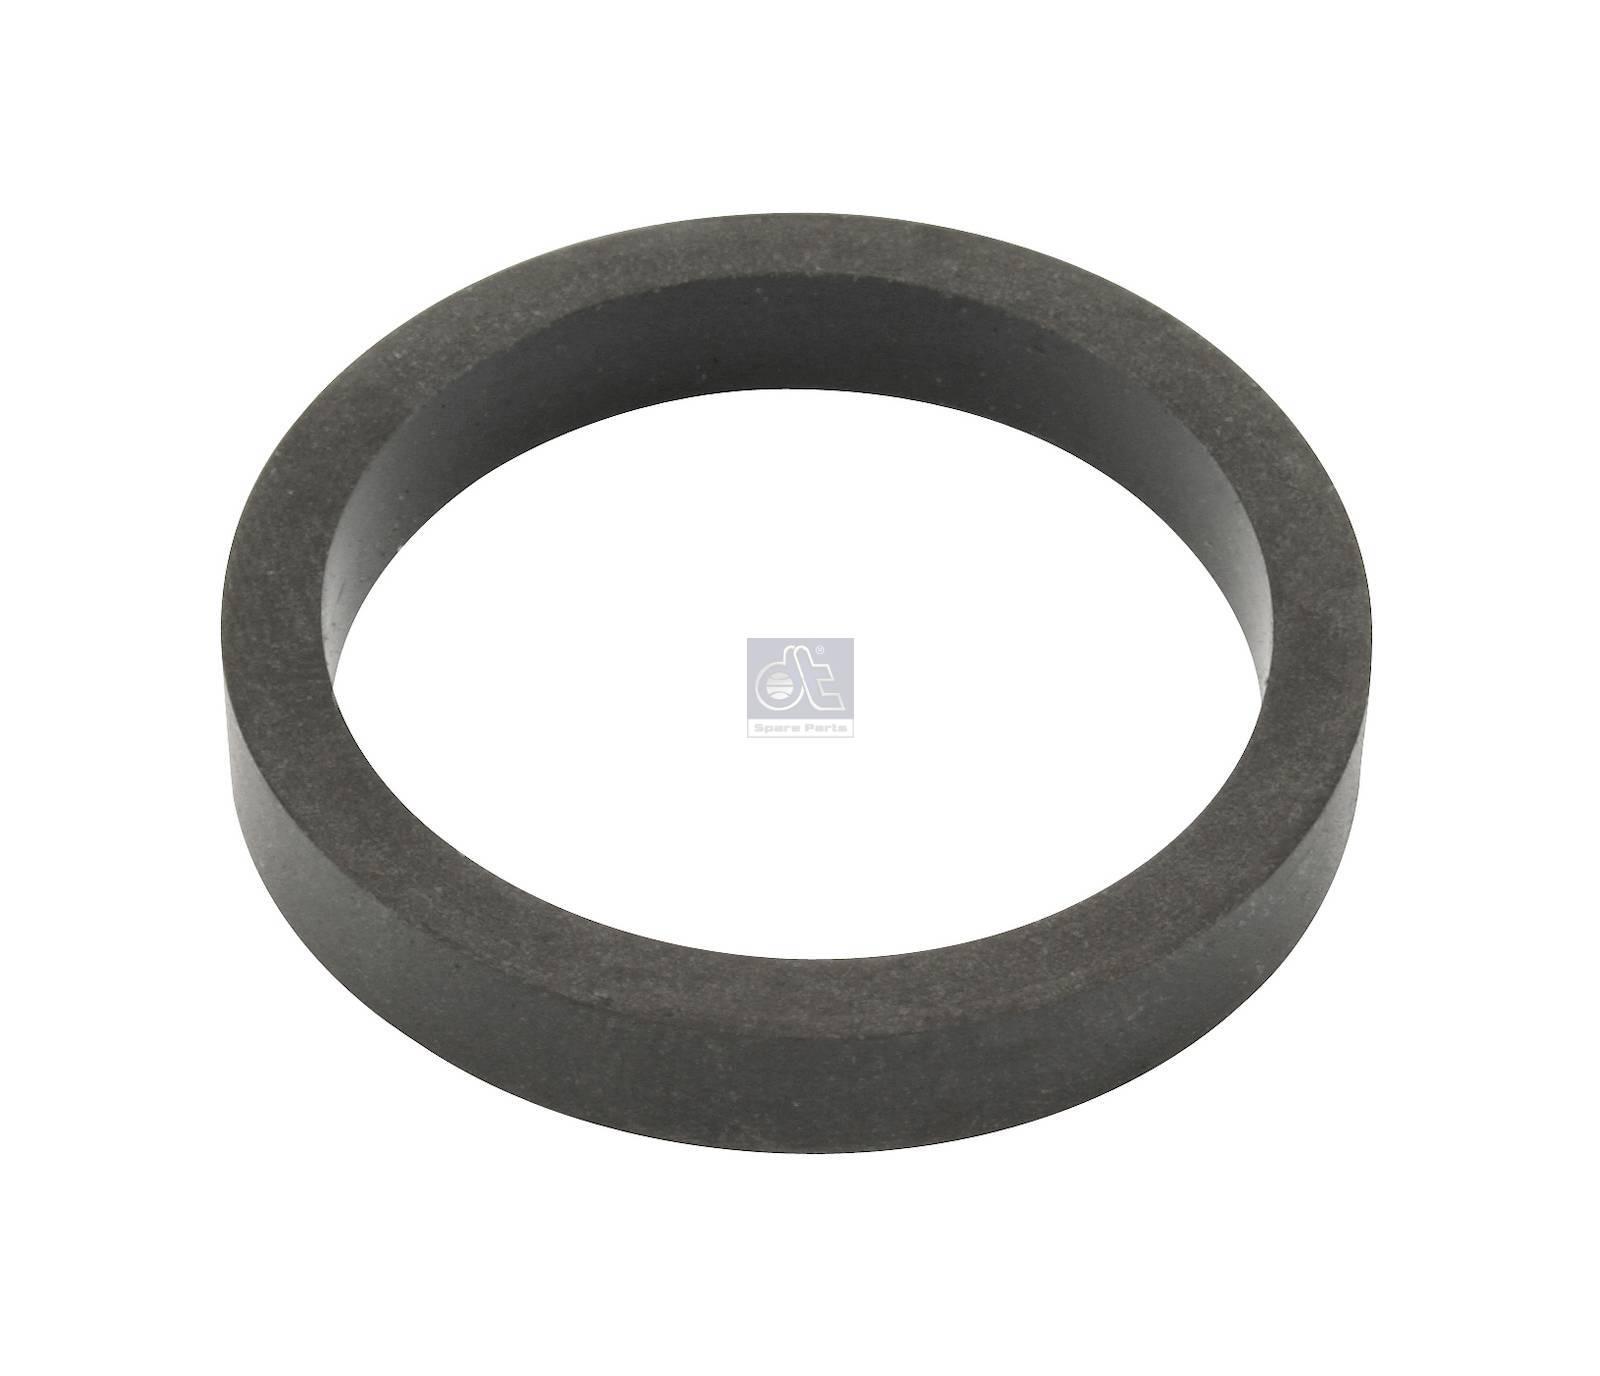 Seal ring, flywheel housing